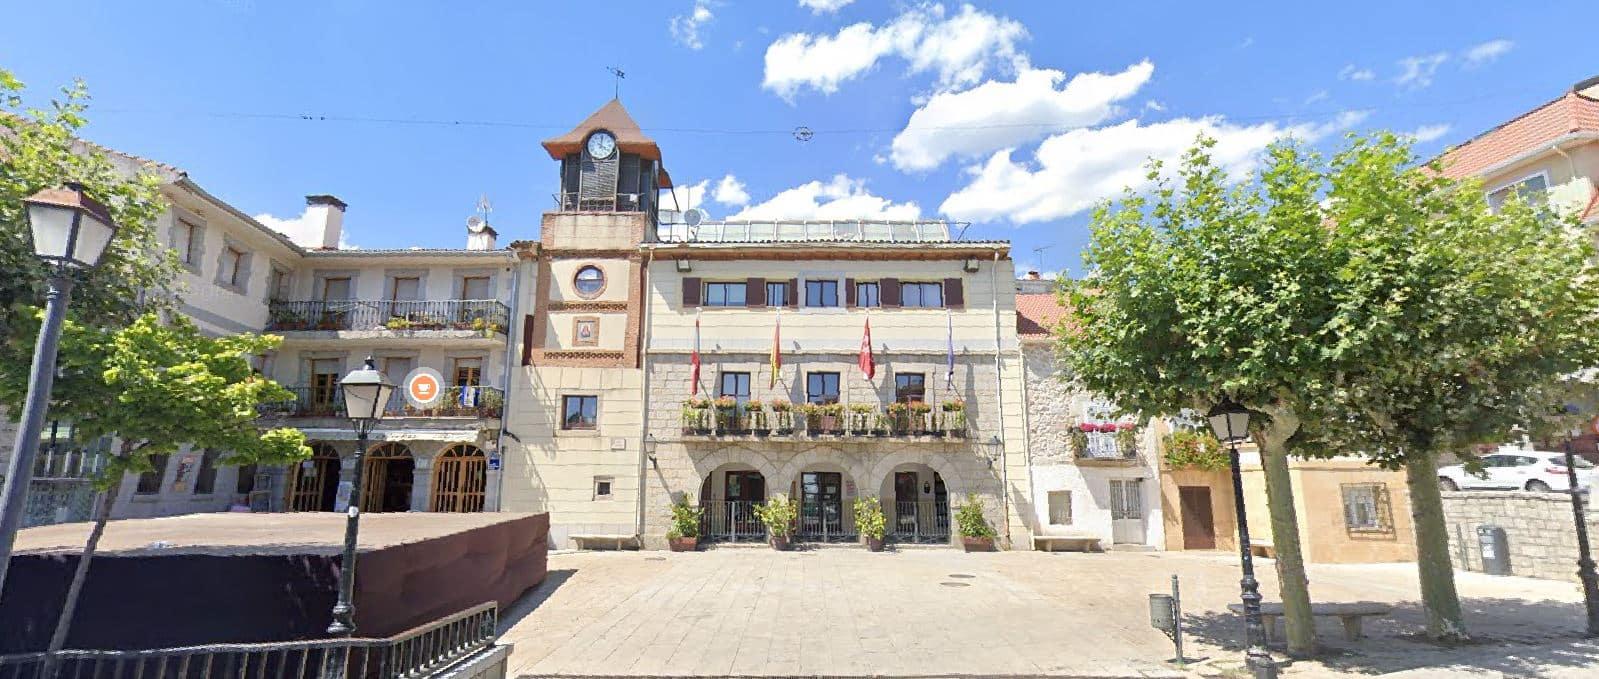 Registro civil - Ayuntamiento Collado Mediano